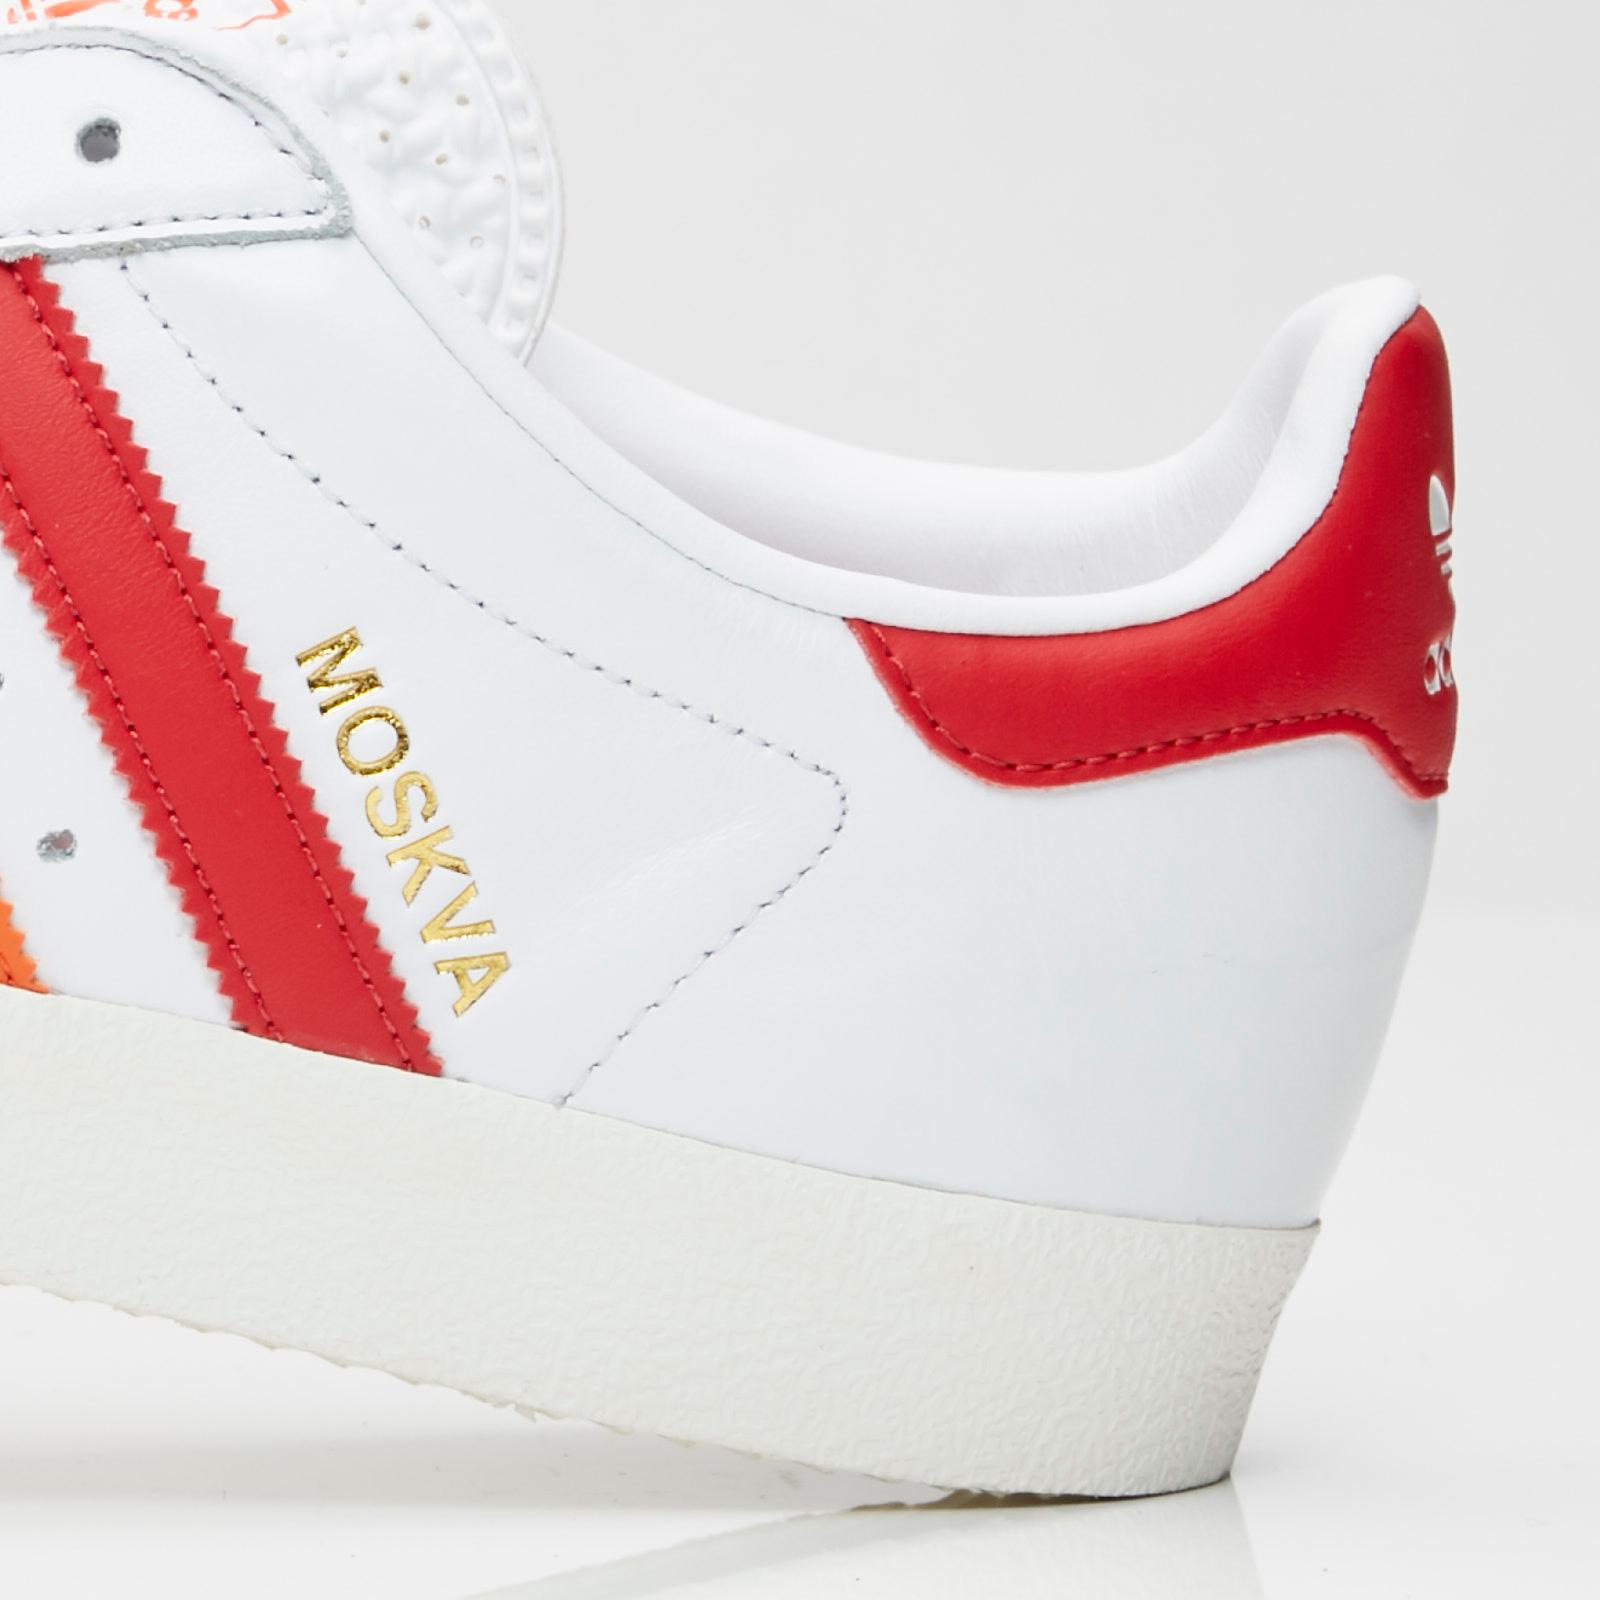 separation shoes a62f1 911ef ... adidas Originals 350